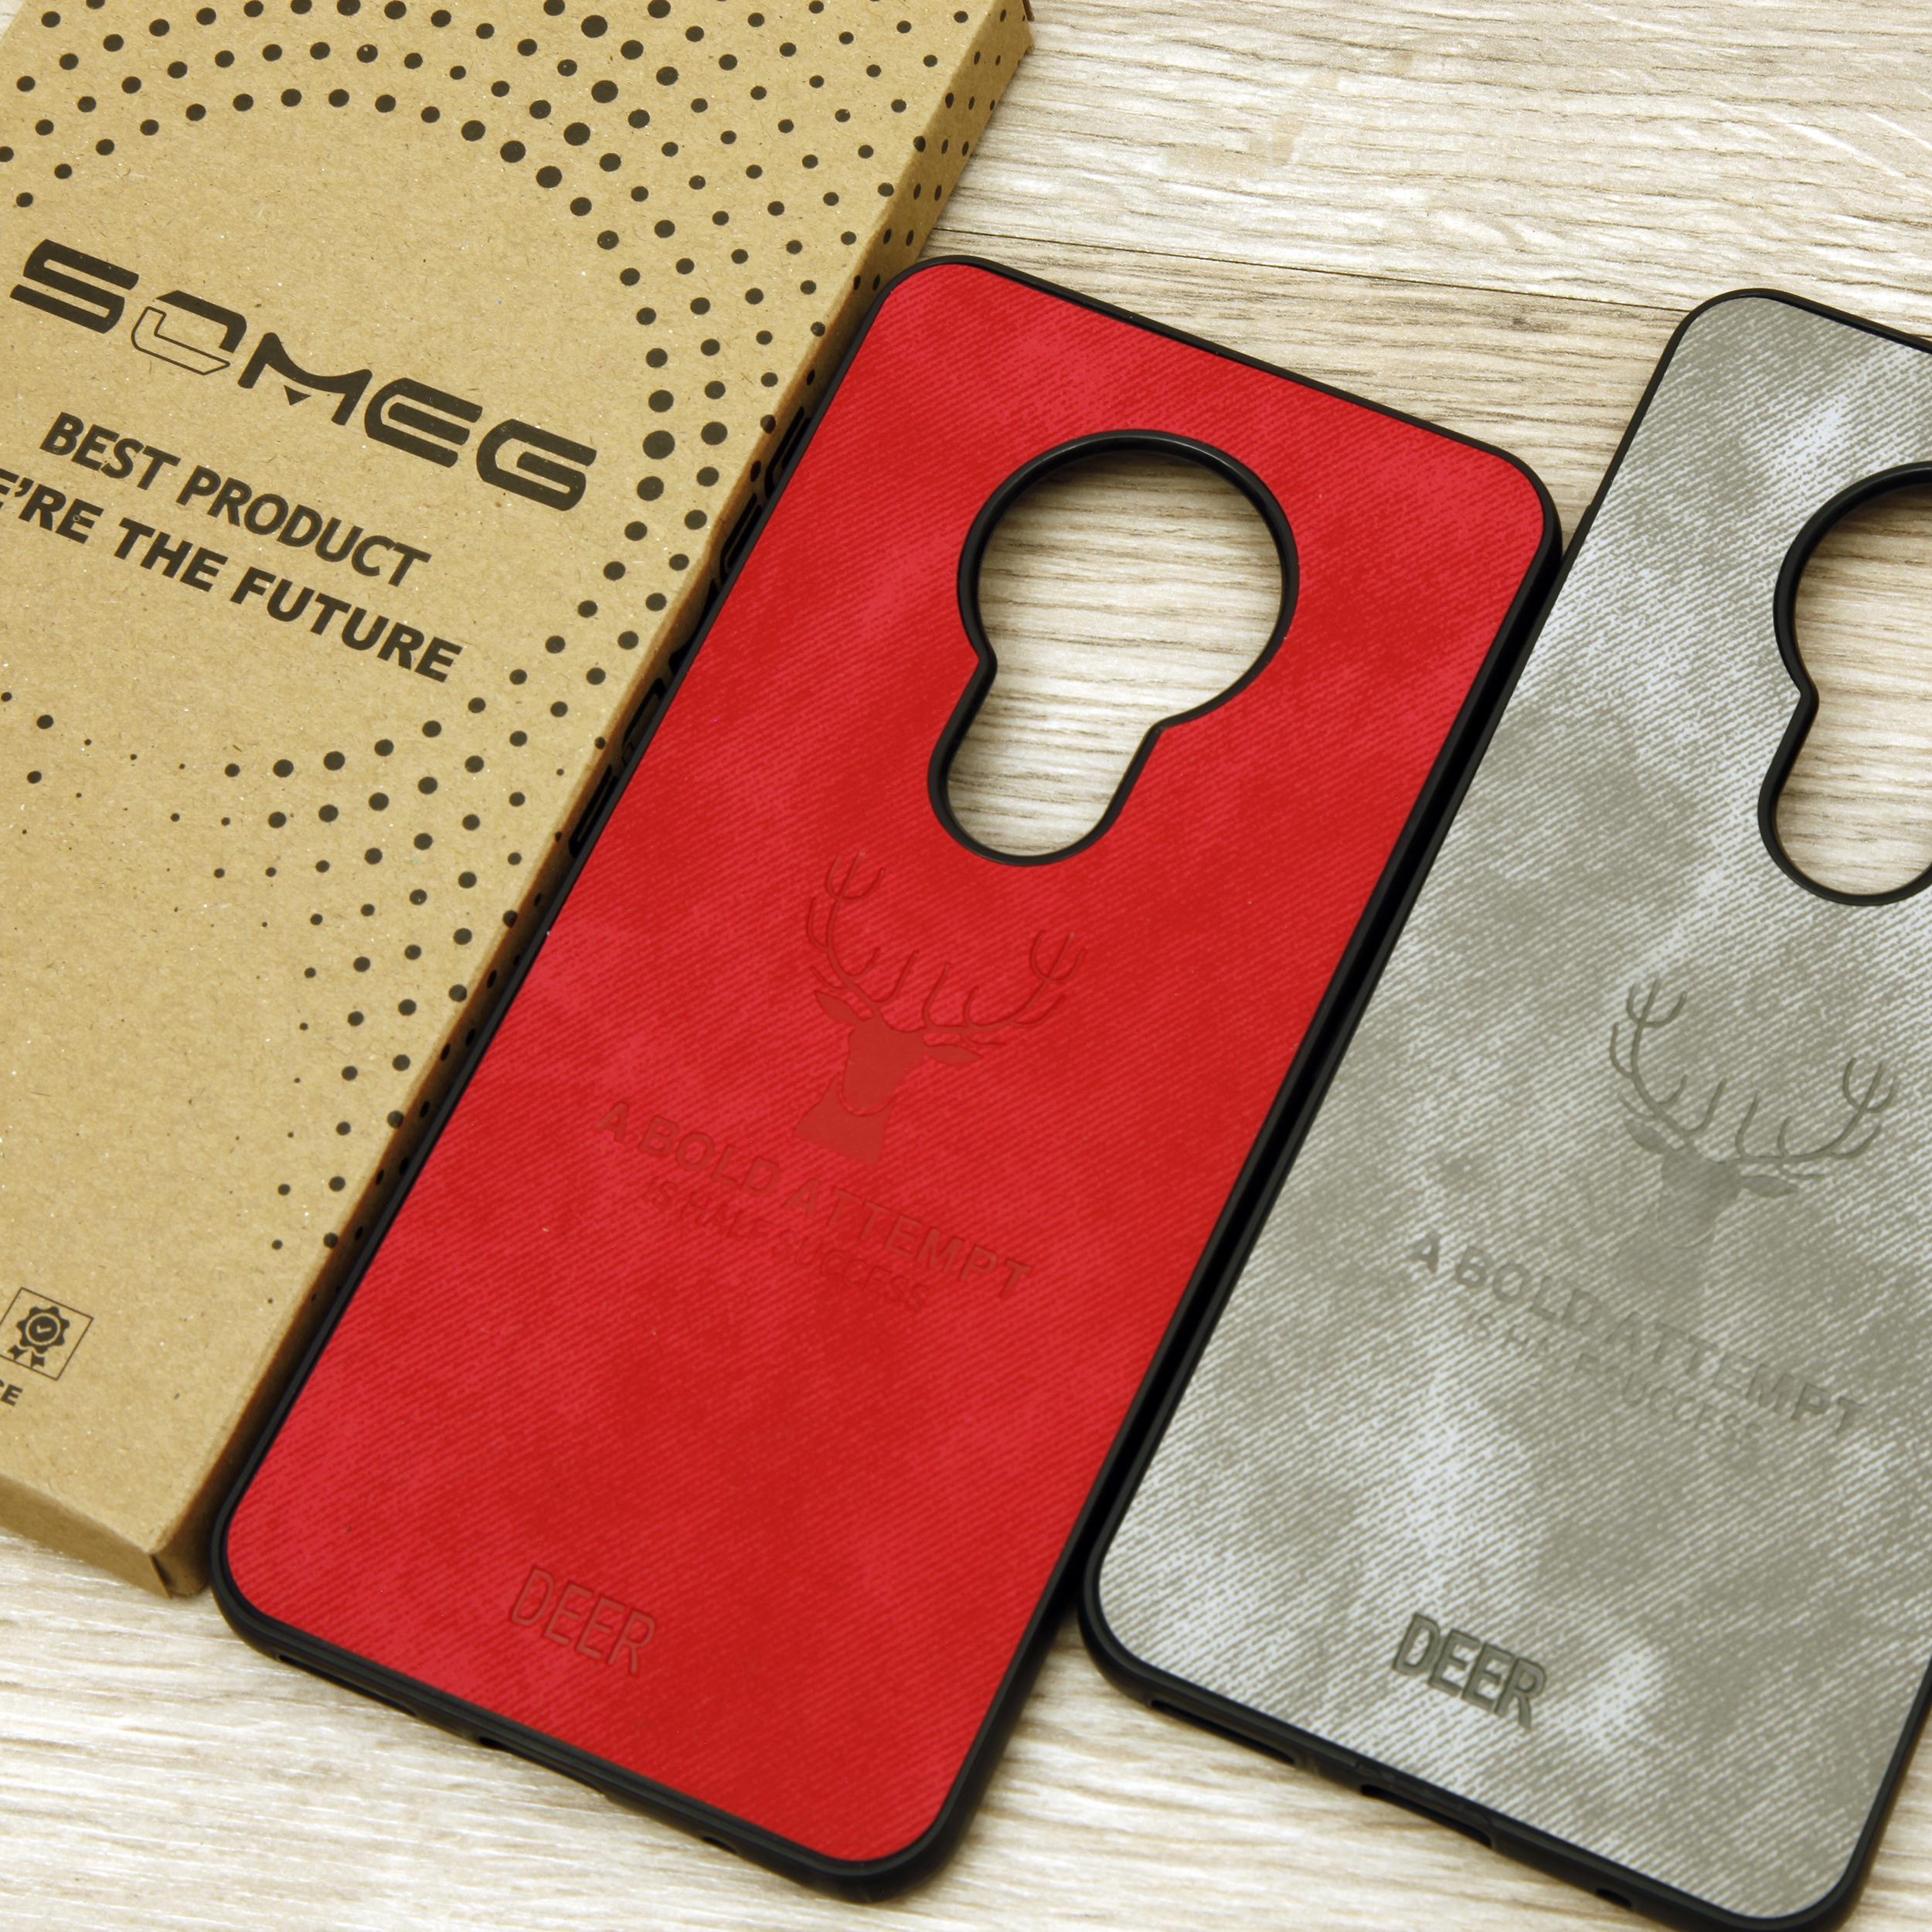 کاور سومگ مدل SMG-Der02 مناسب گوشی موبایل نوکیا 6.2 / 7.2              ( قیمت و خرید)